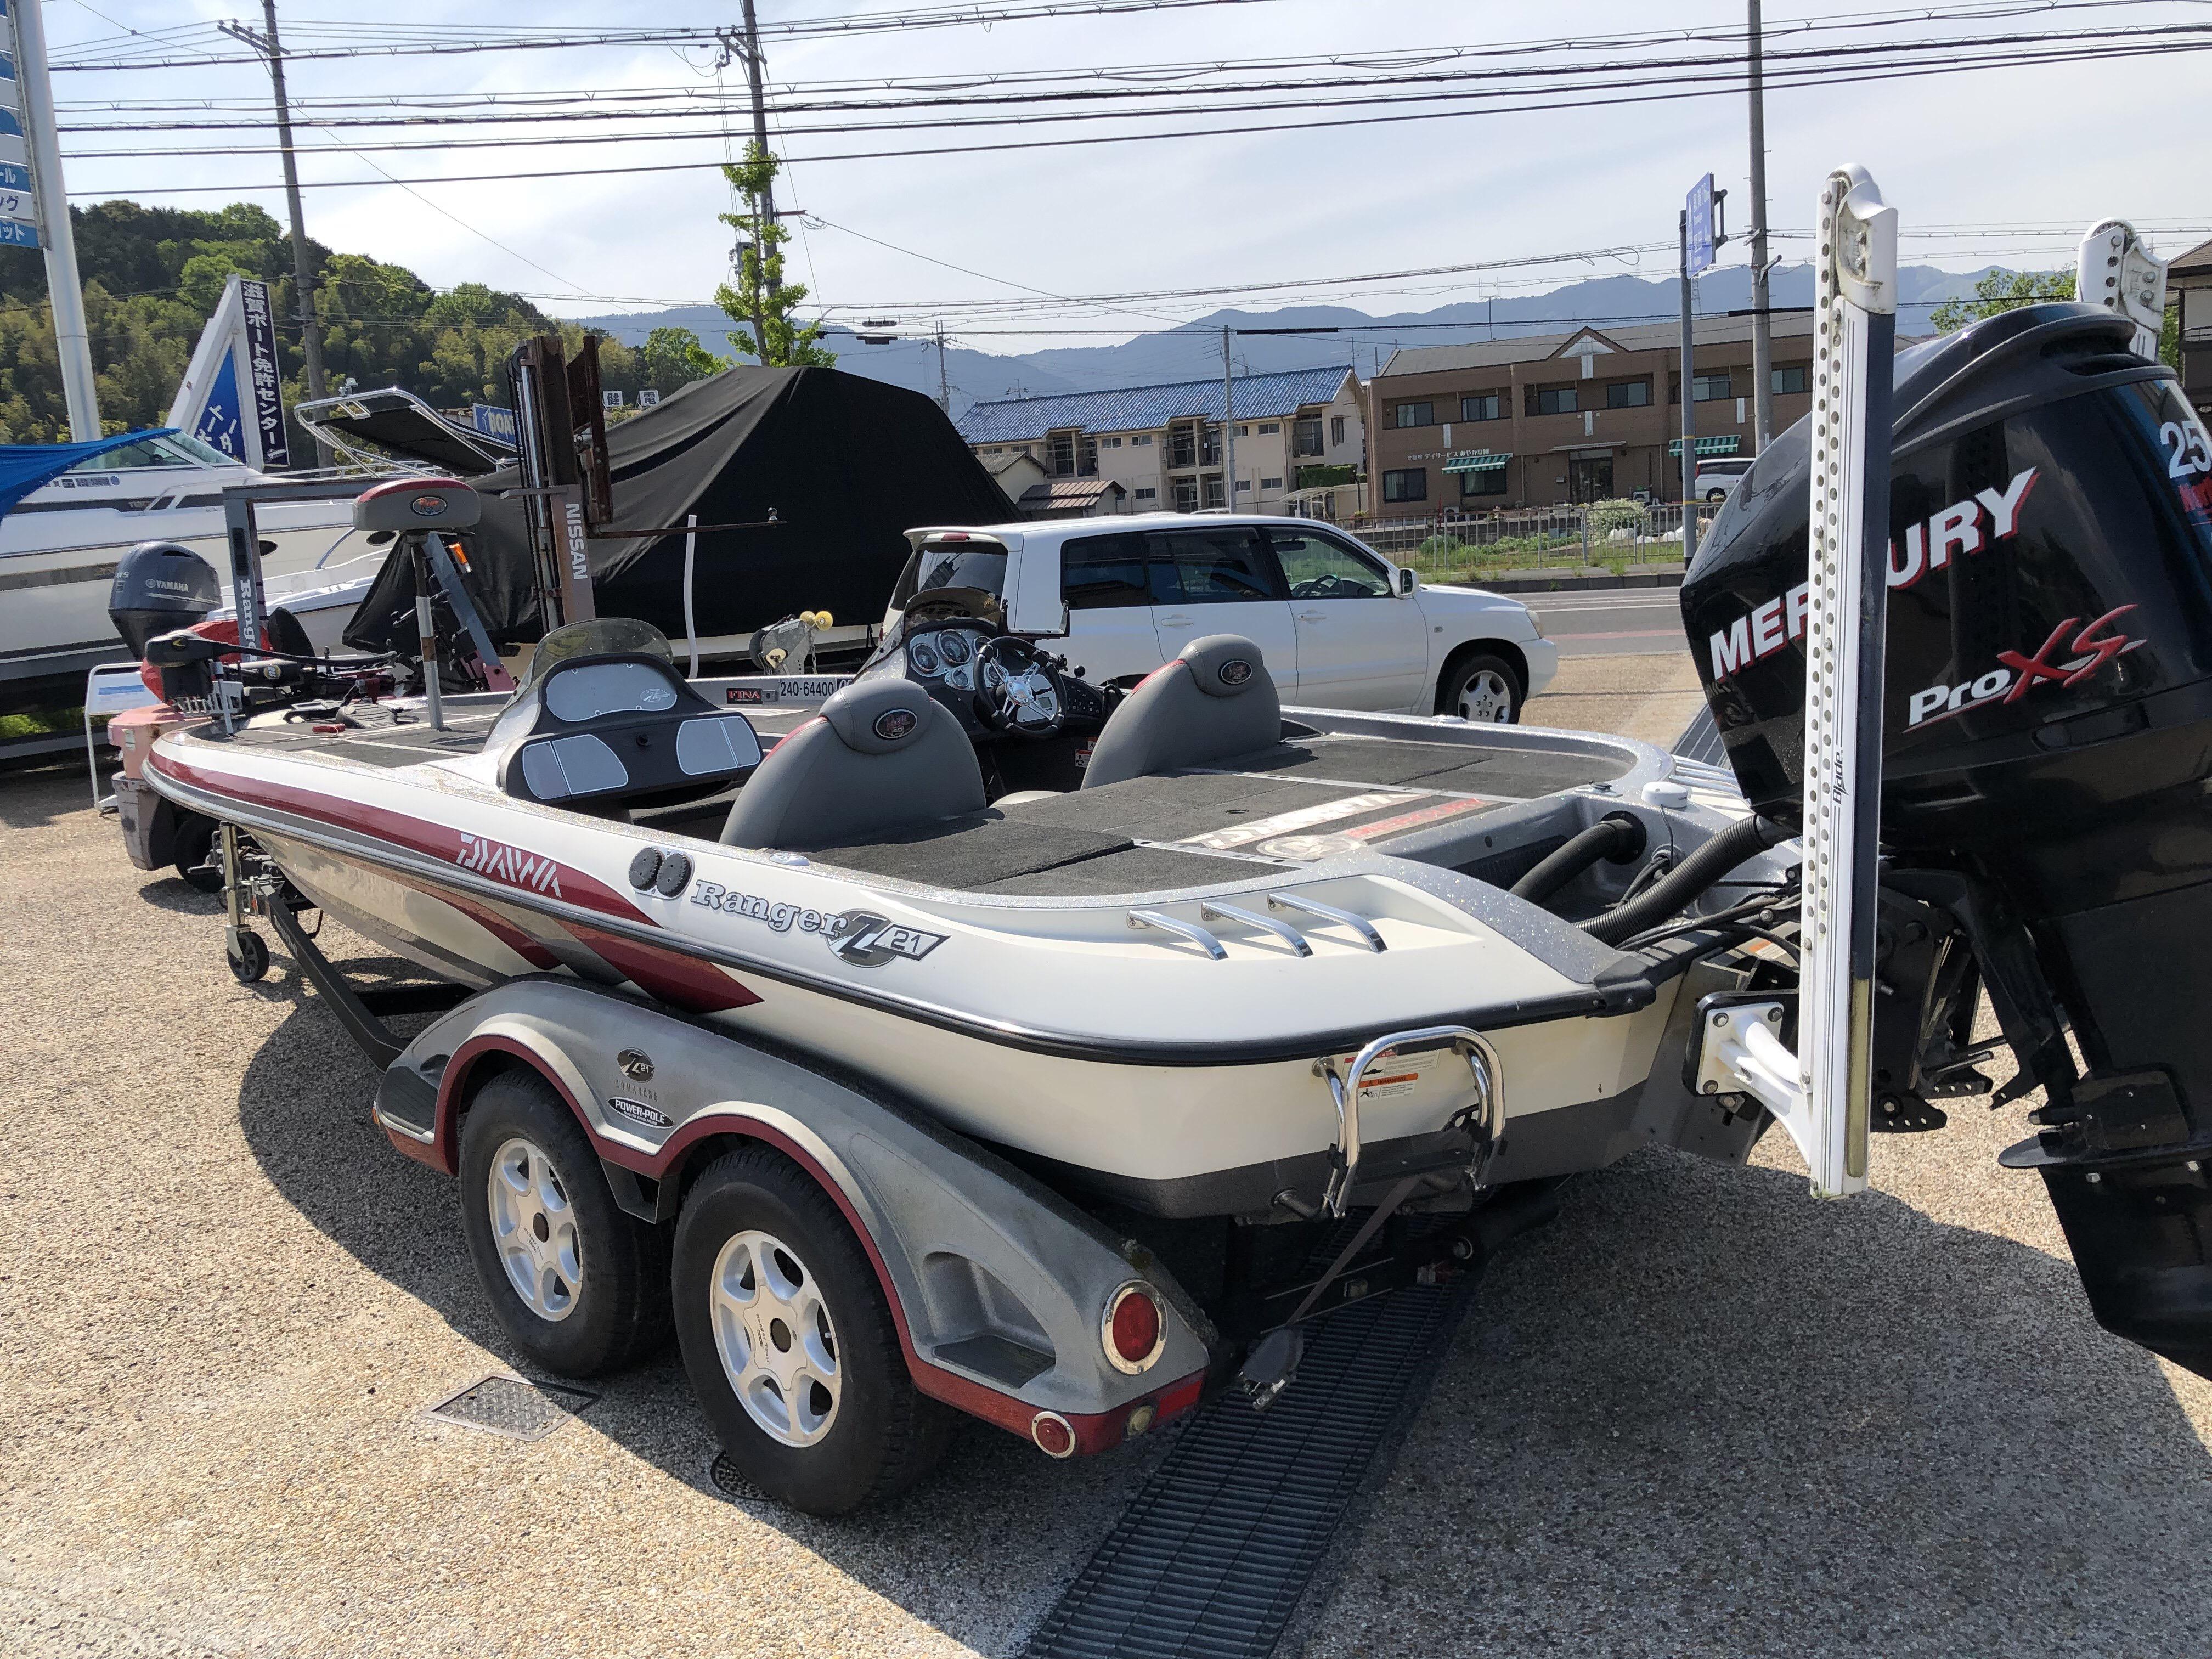 レンジャーボート正規輸入代理店バスボートジャパンIMG_4841